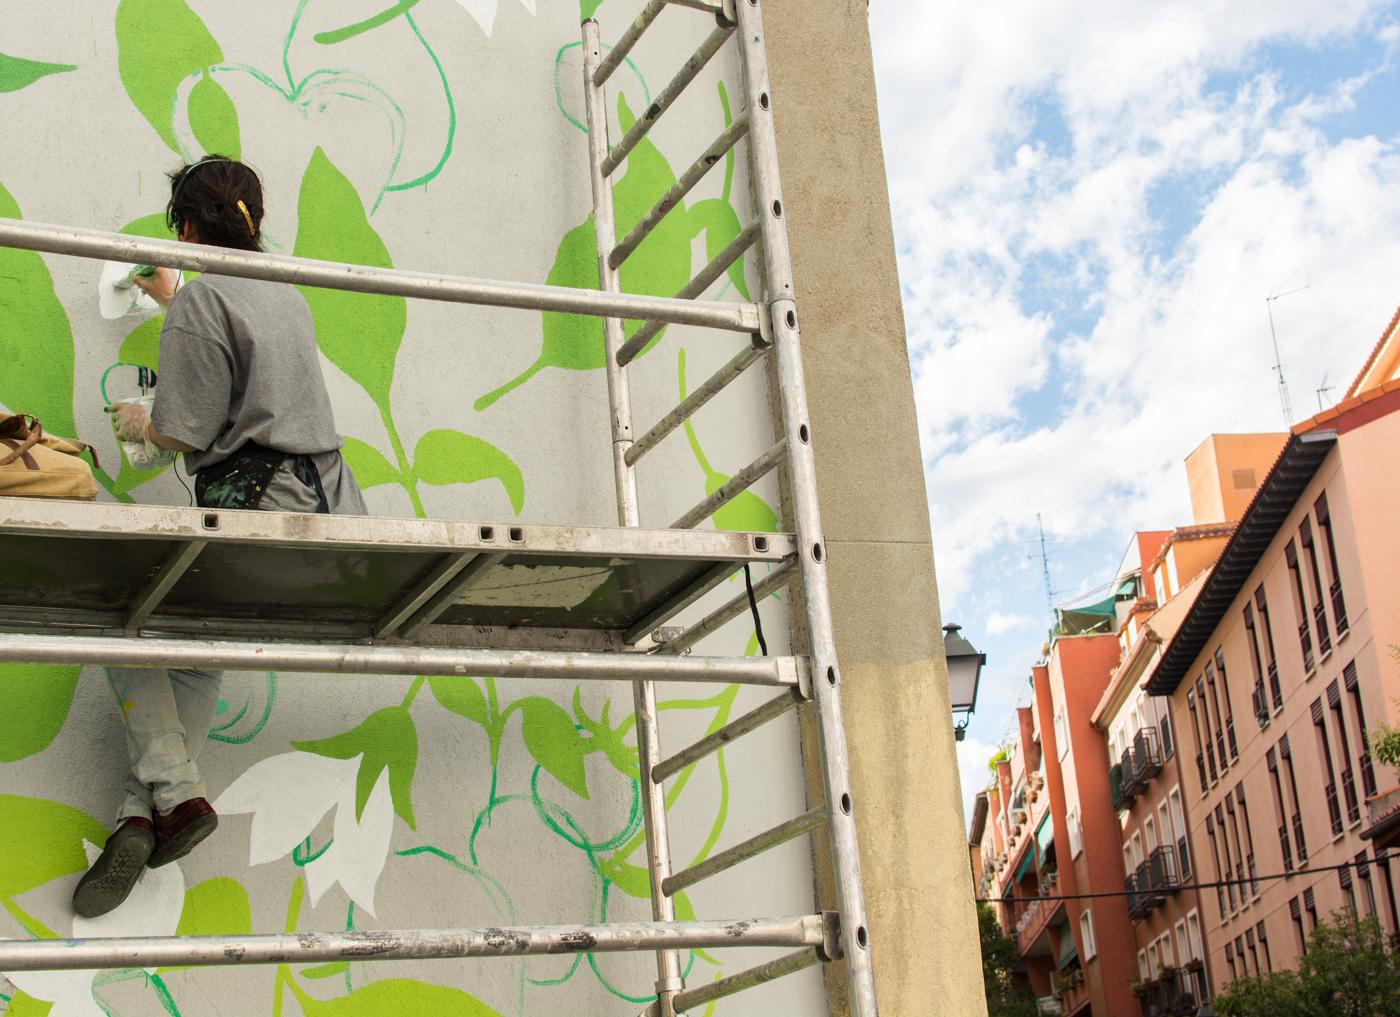 Doa Oa - MurosTabacalera by Guillermo de la Madrid - Madrid Street Art Project-003.jpg